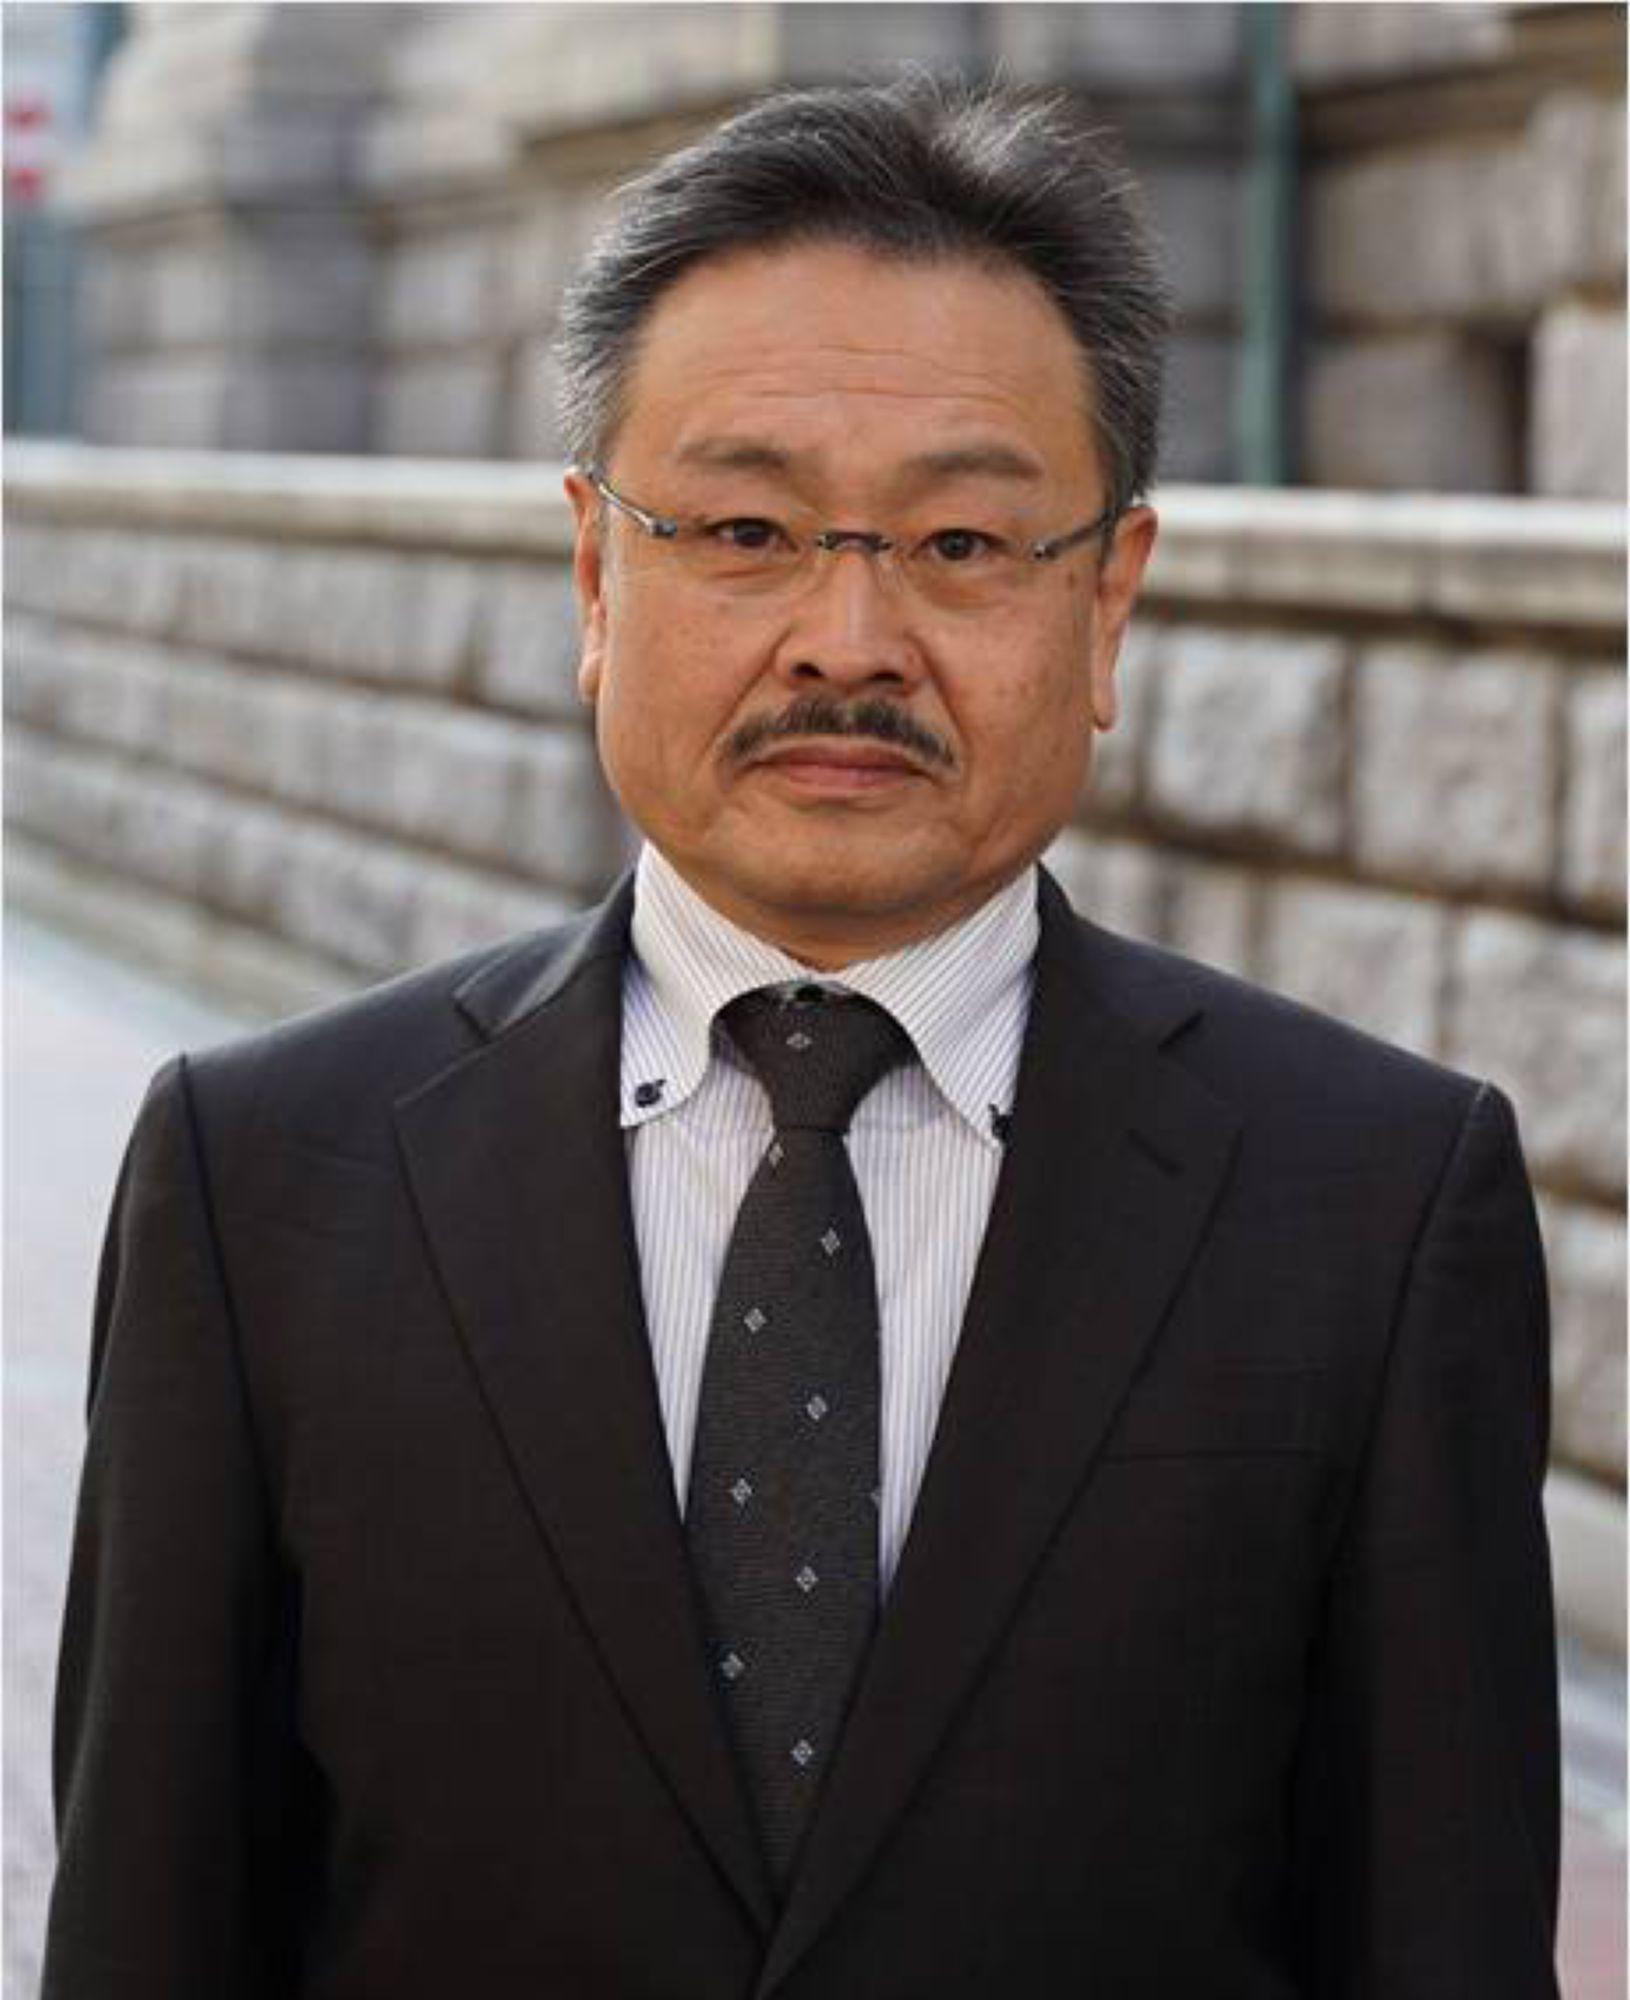 jp_webinar_instructor_Mr_Sakakibara.jpg